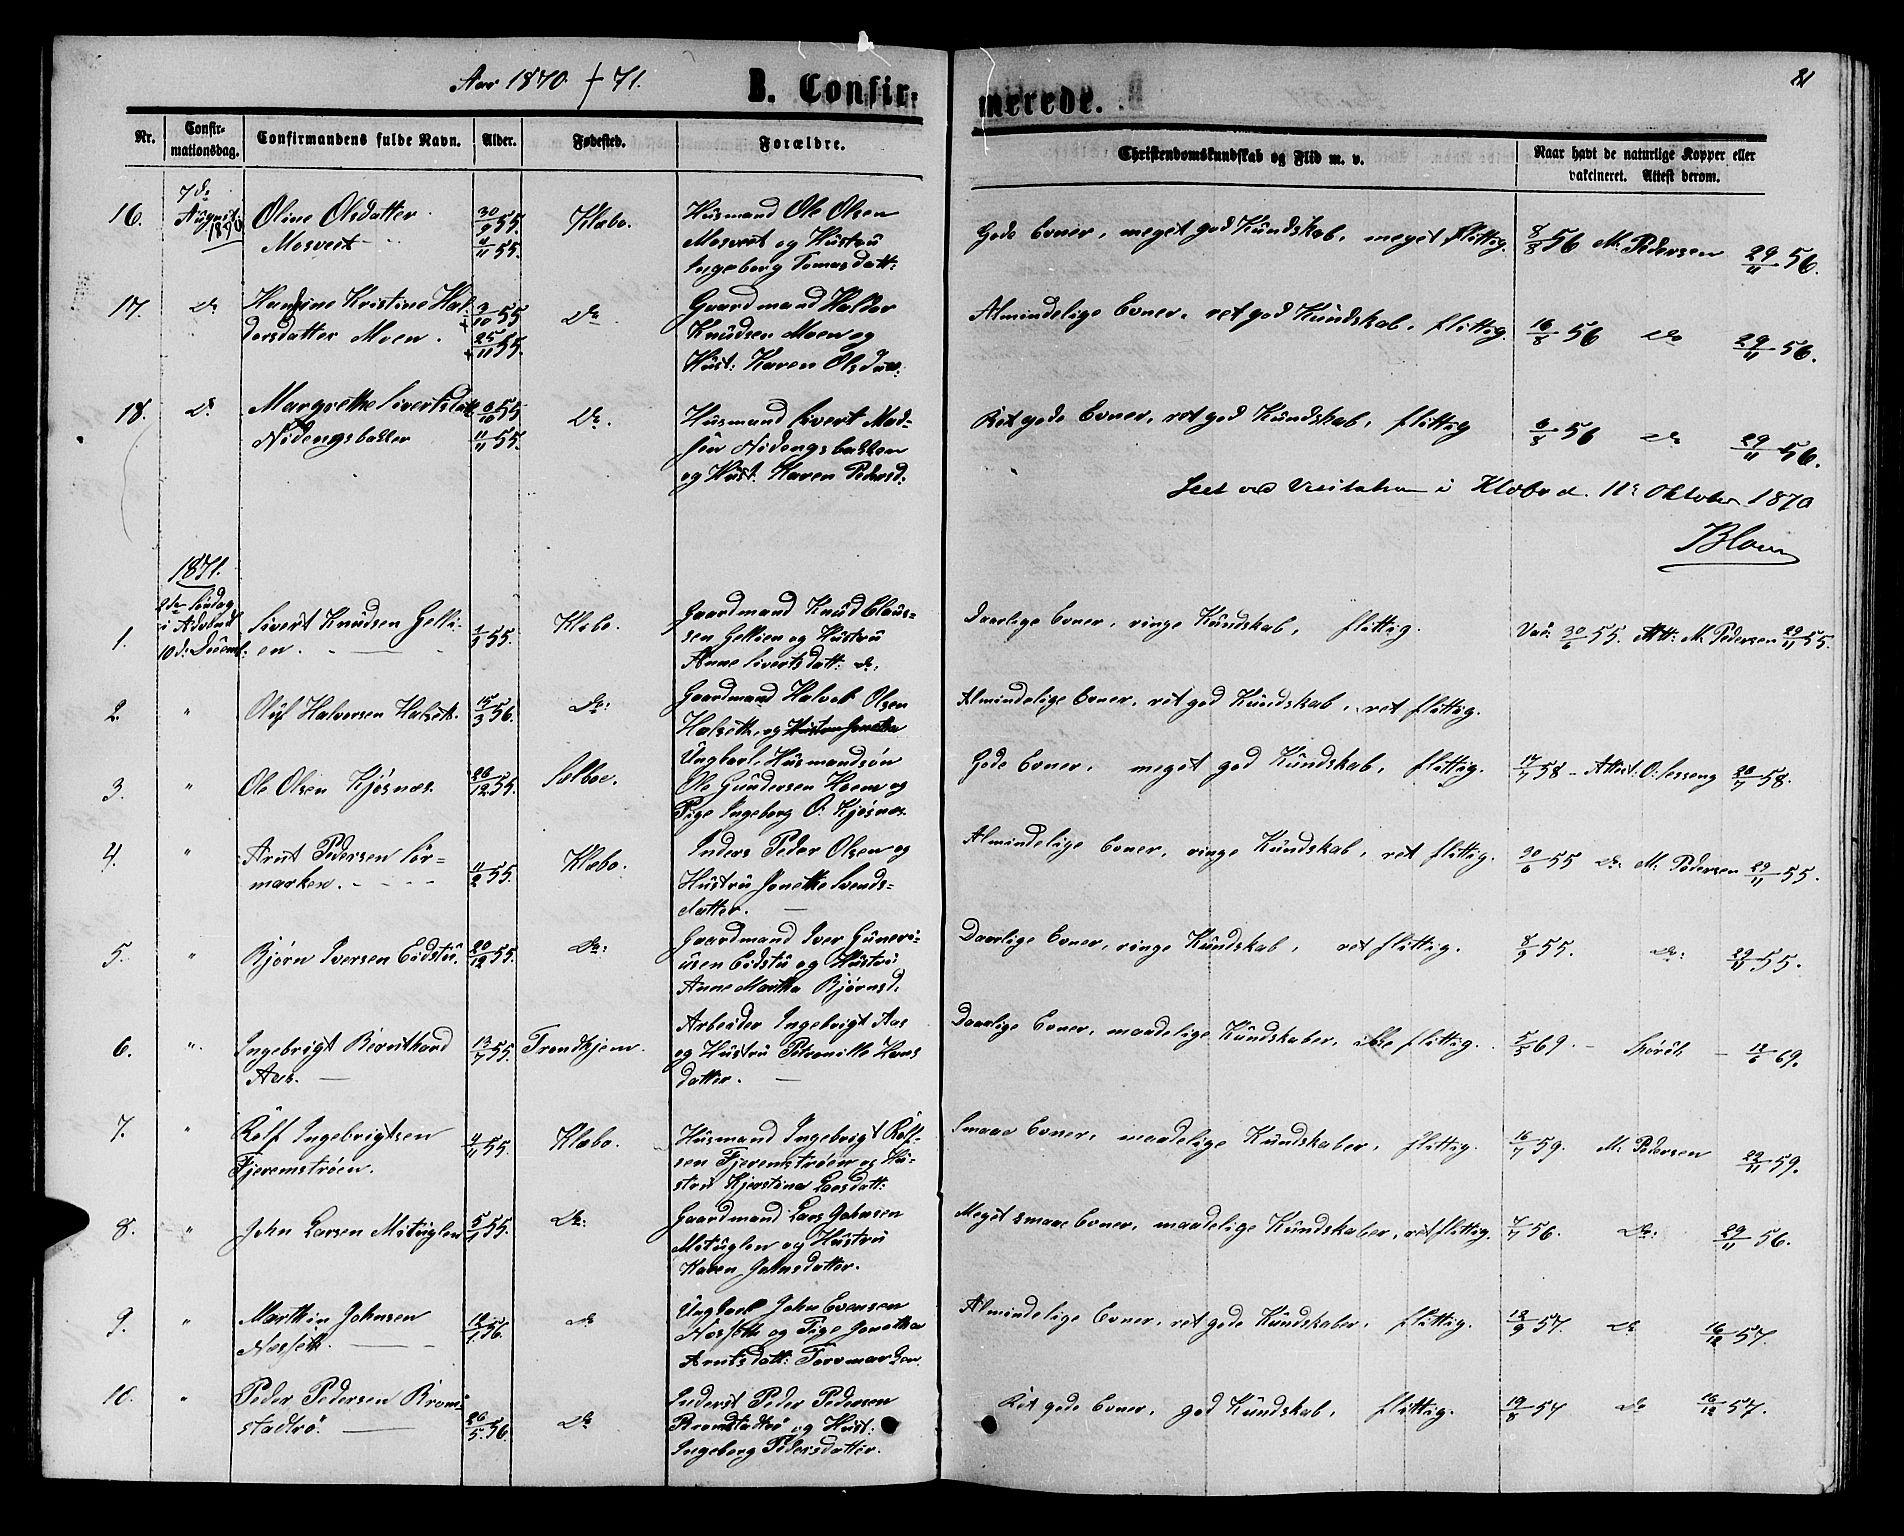 SAT, Ministerialprotokoller, klokkerbøker og fødselsregistre - Sør-Trøndelag, 618/L0451: Klokkerbok nr. 618C02, 1865-1883, s. 81